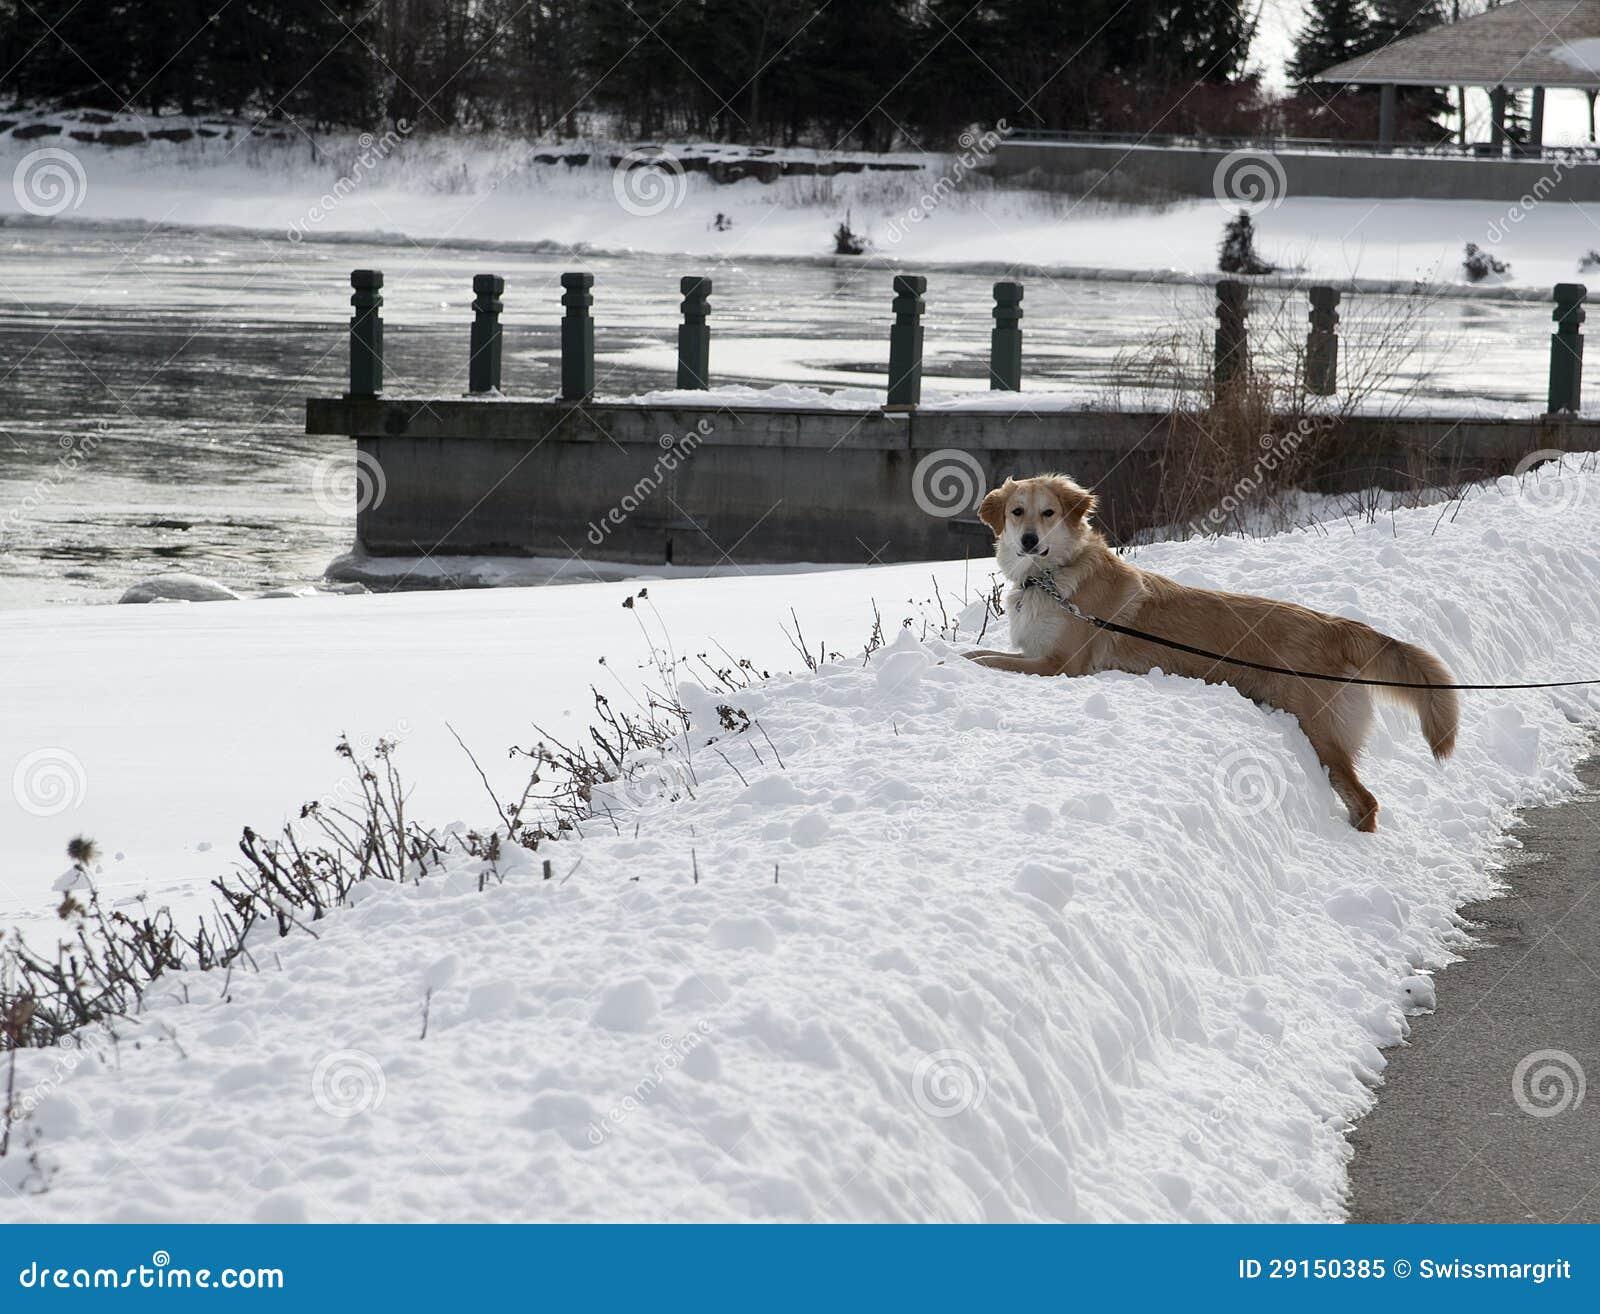 A Golden Snowbank